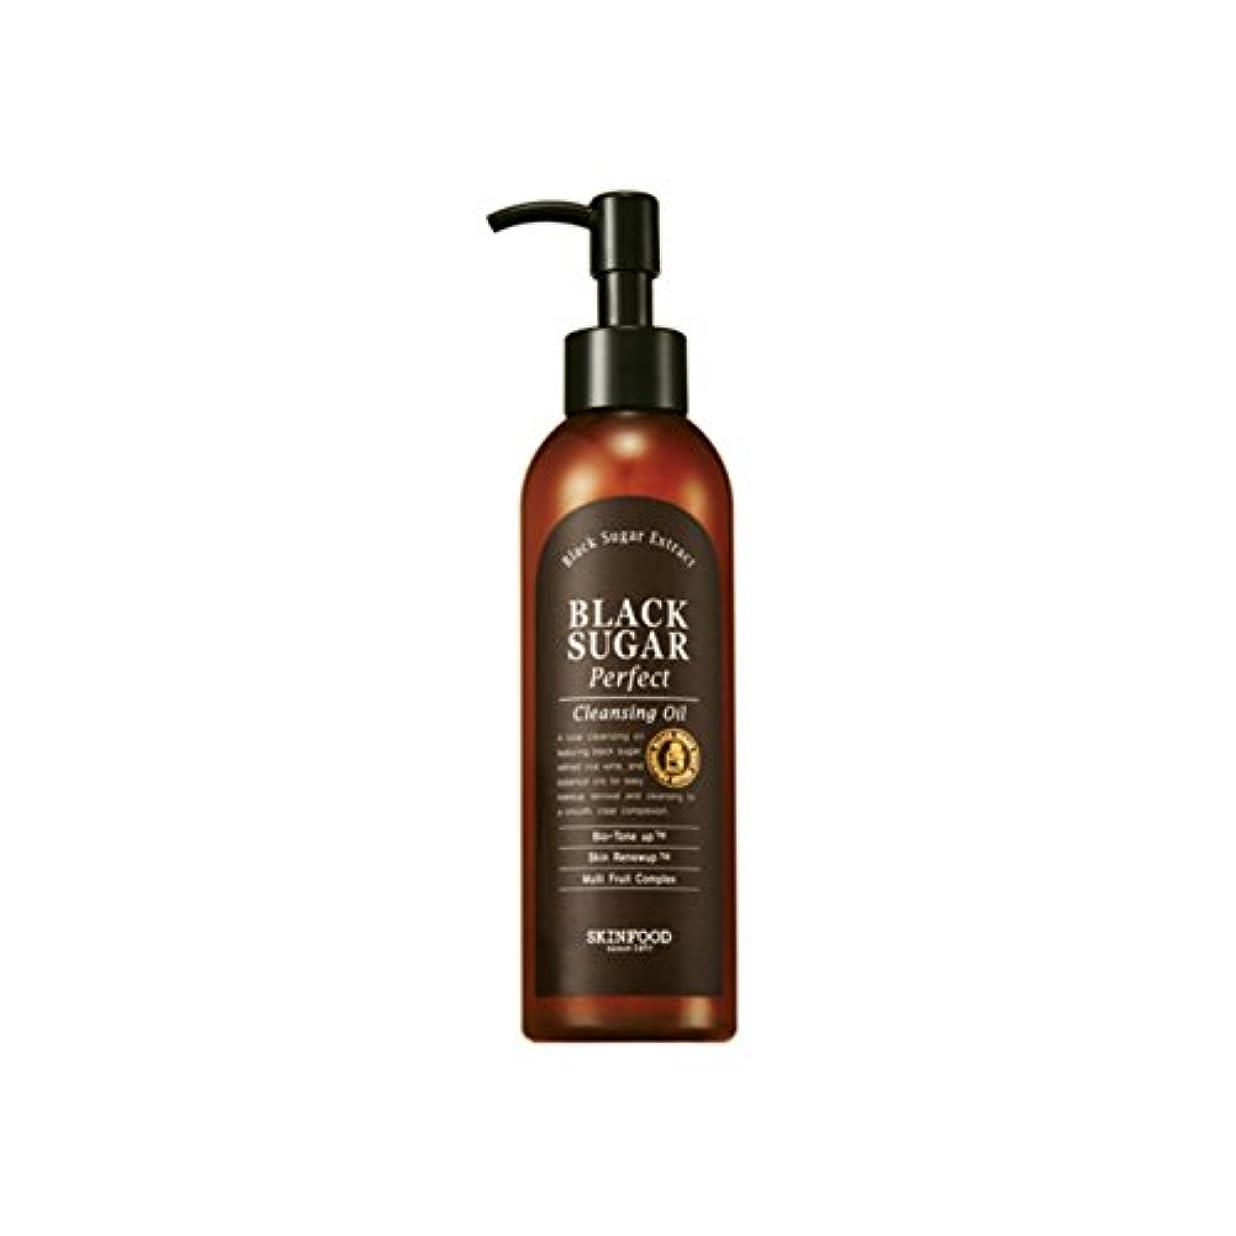 [スキンフード] SKINFOOD [ブラックシュガーパーフェクトクレンジングオイル] (Black Sugar Perfect Cleansing Oil) [並行輸入品]